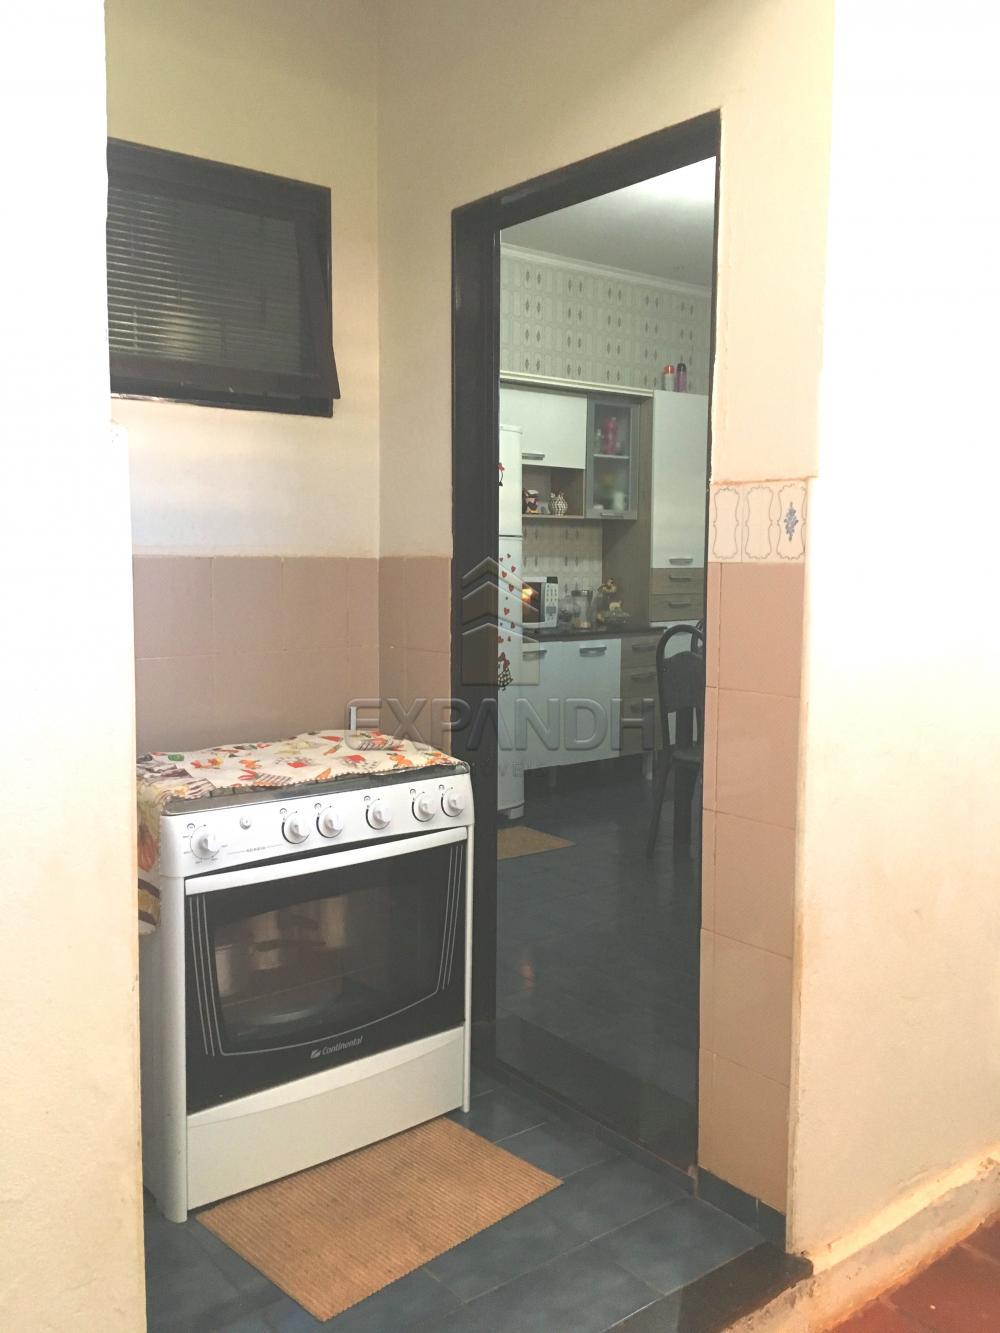 Comprar Casas / Padrão em Sertãozinho R$ 410.000,00 - Foto 20